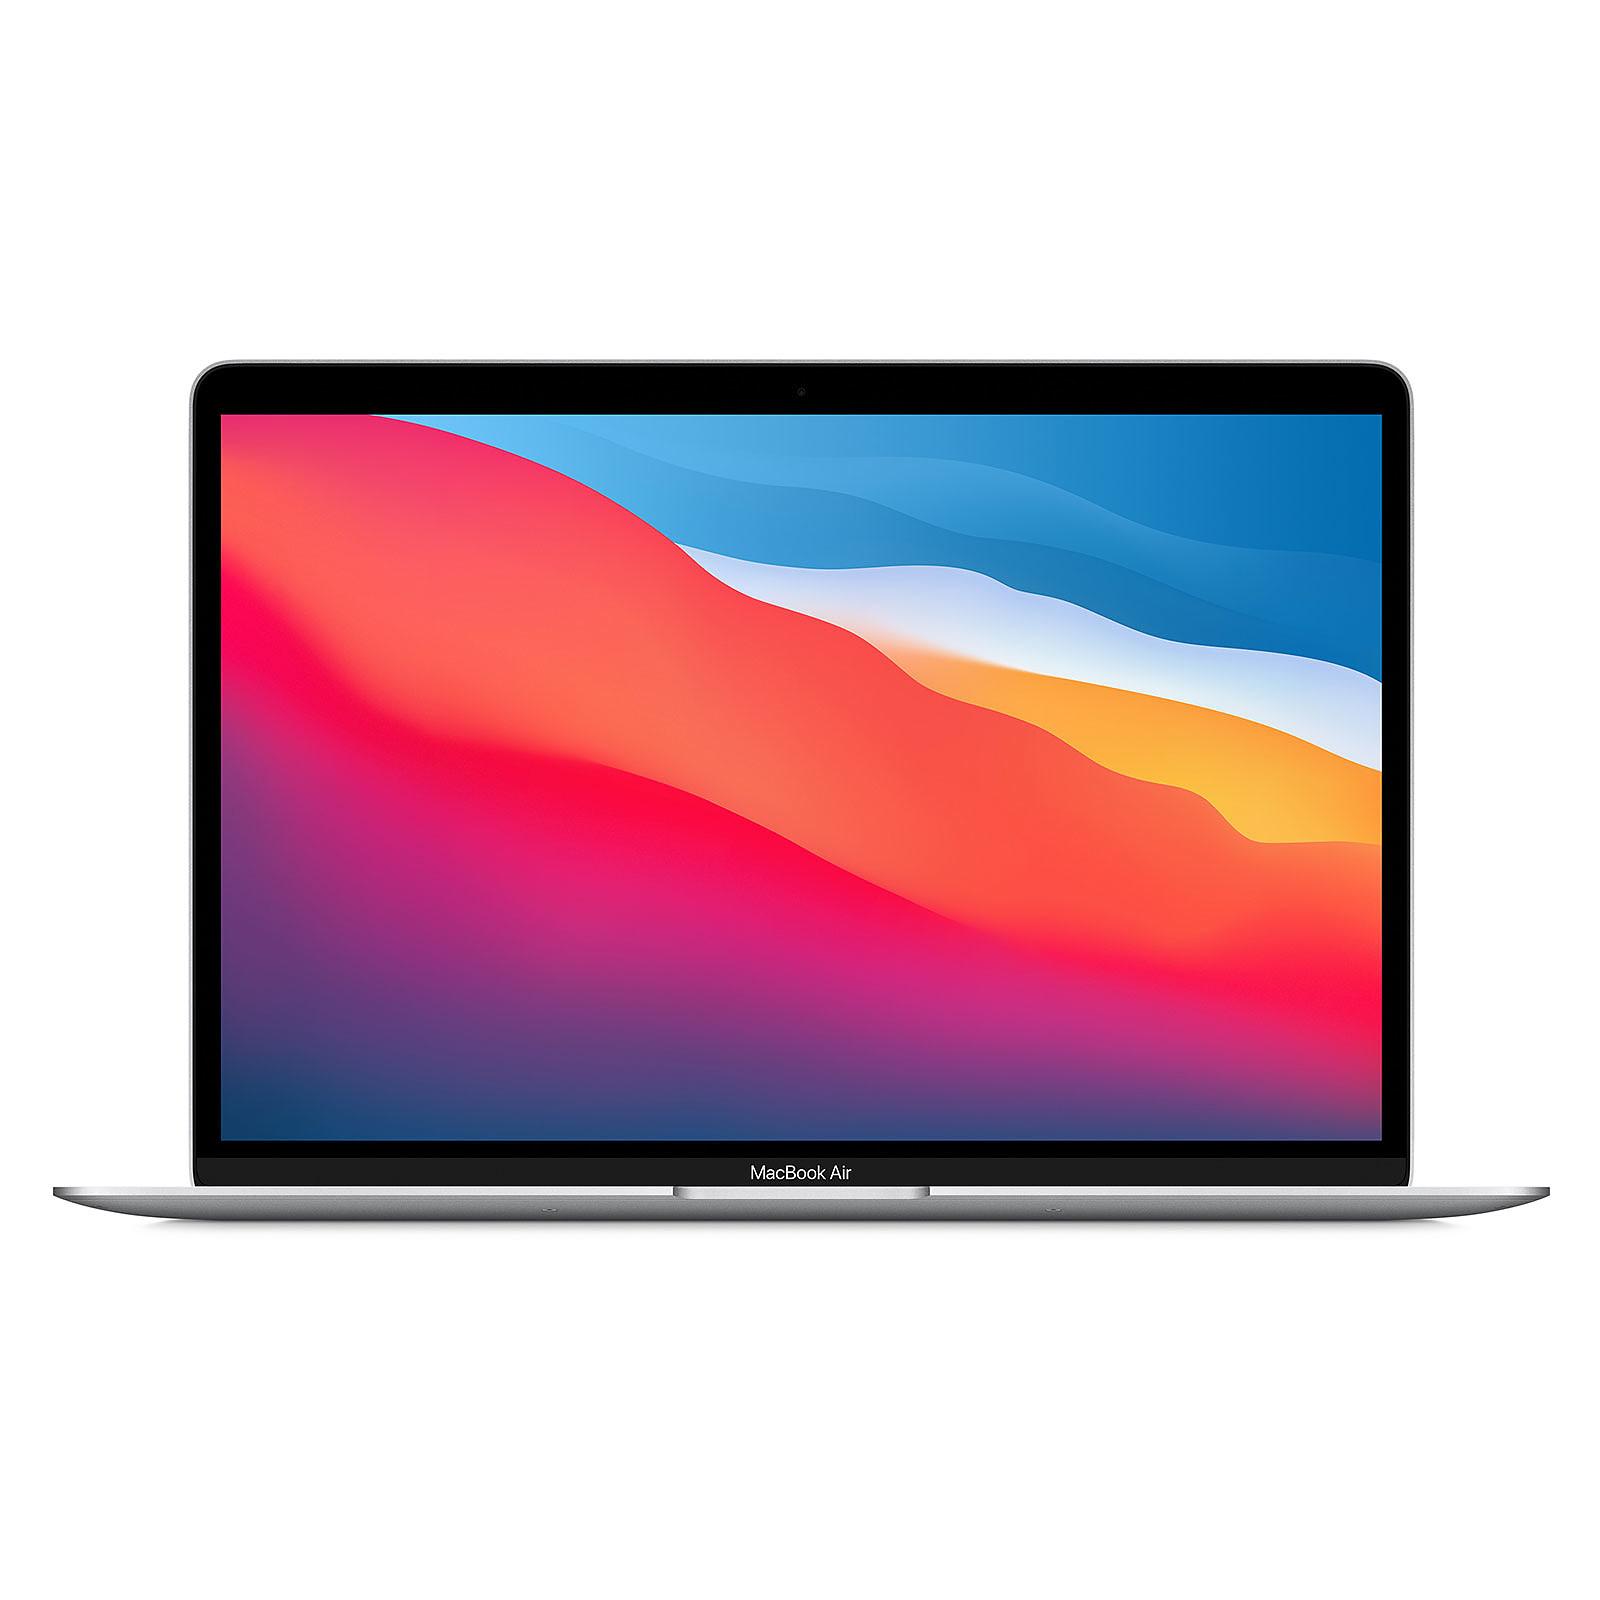 """Sélection de Macbook Air 2020 en promotion - Ex : PC Portable 13.3"""" Apple MacBook Air (2020) - Apple M1, 8 Go RAM, 256 Go SSD"""